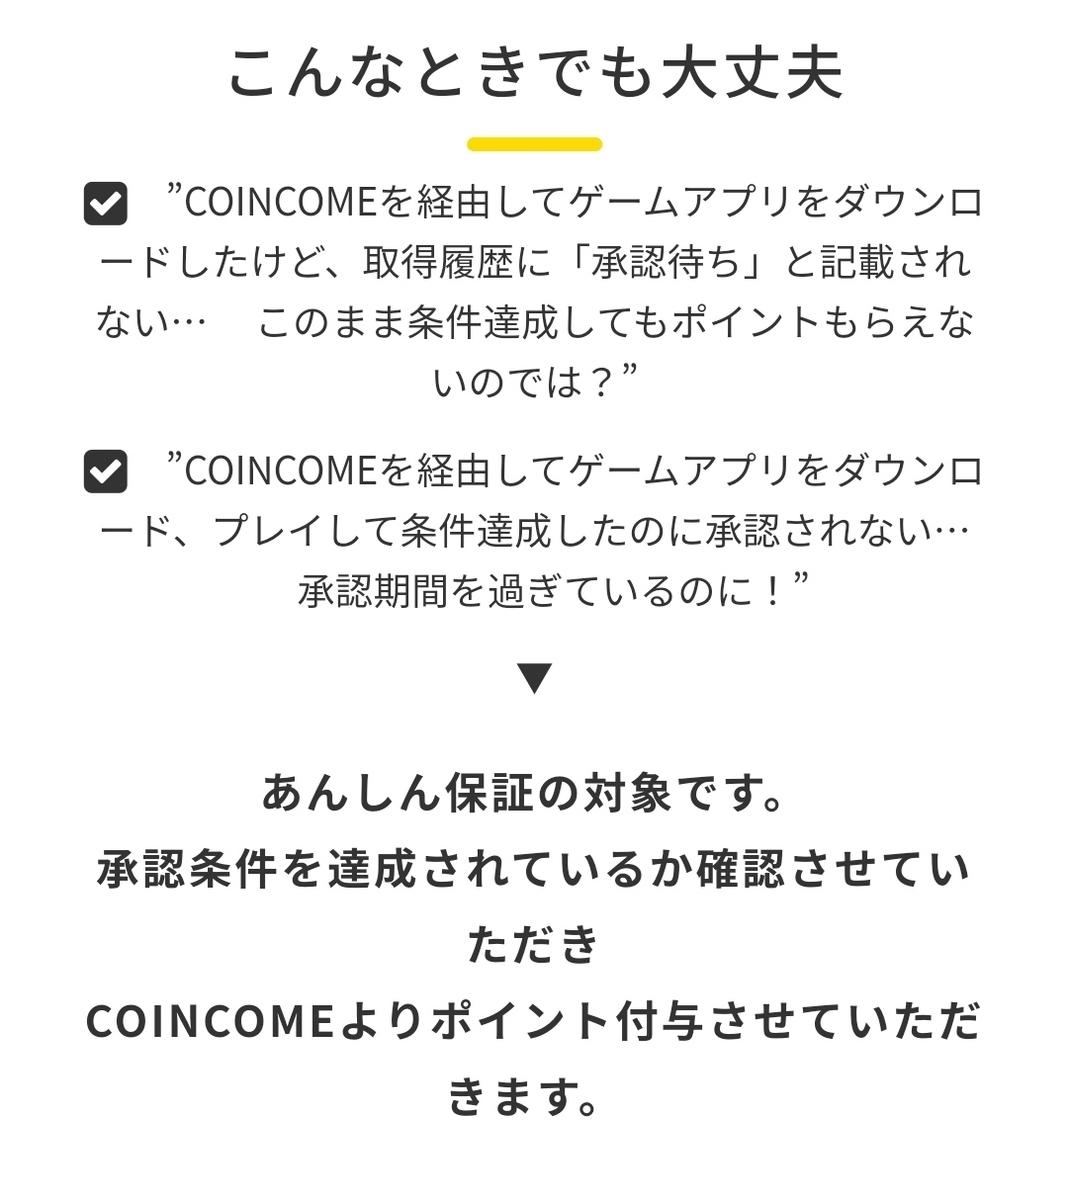 f:id:fukucchimoney:20210318215545j:plain